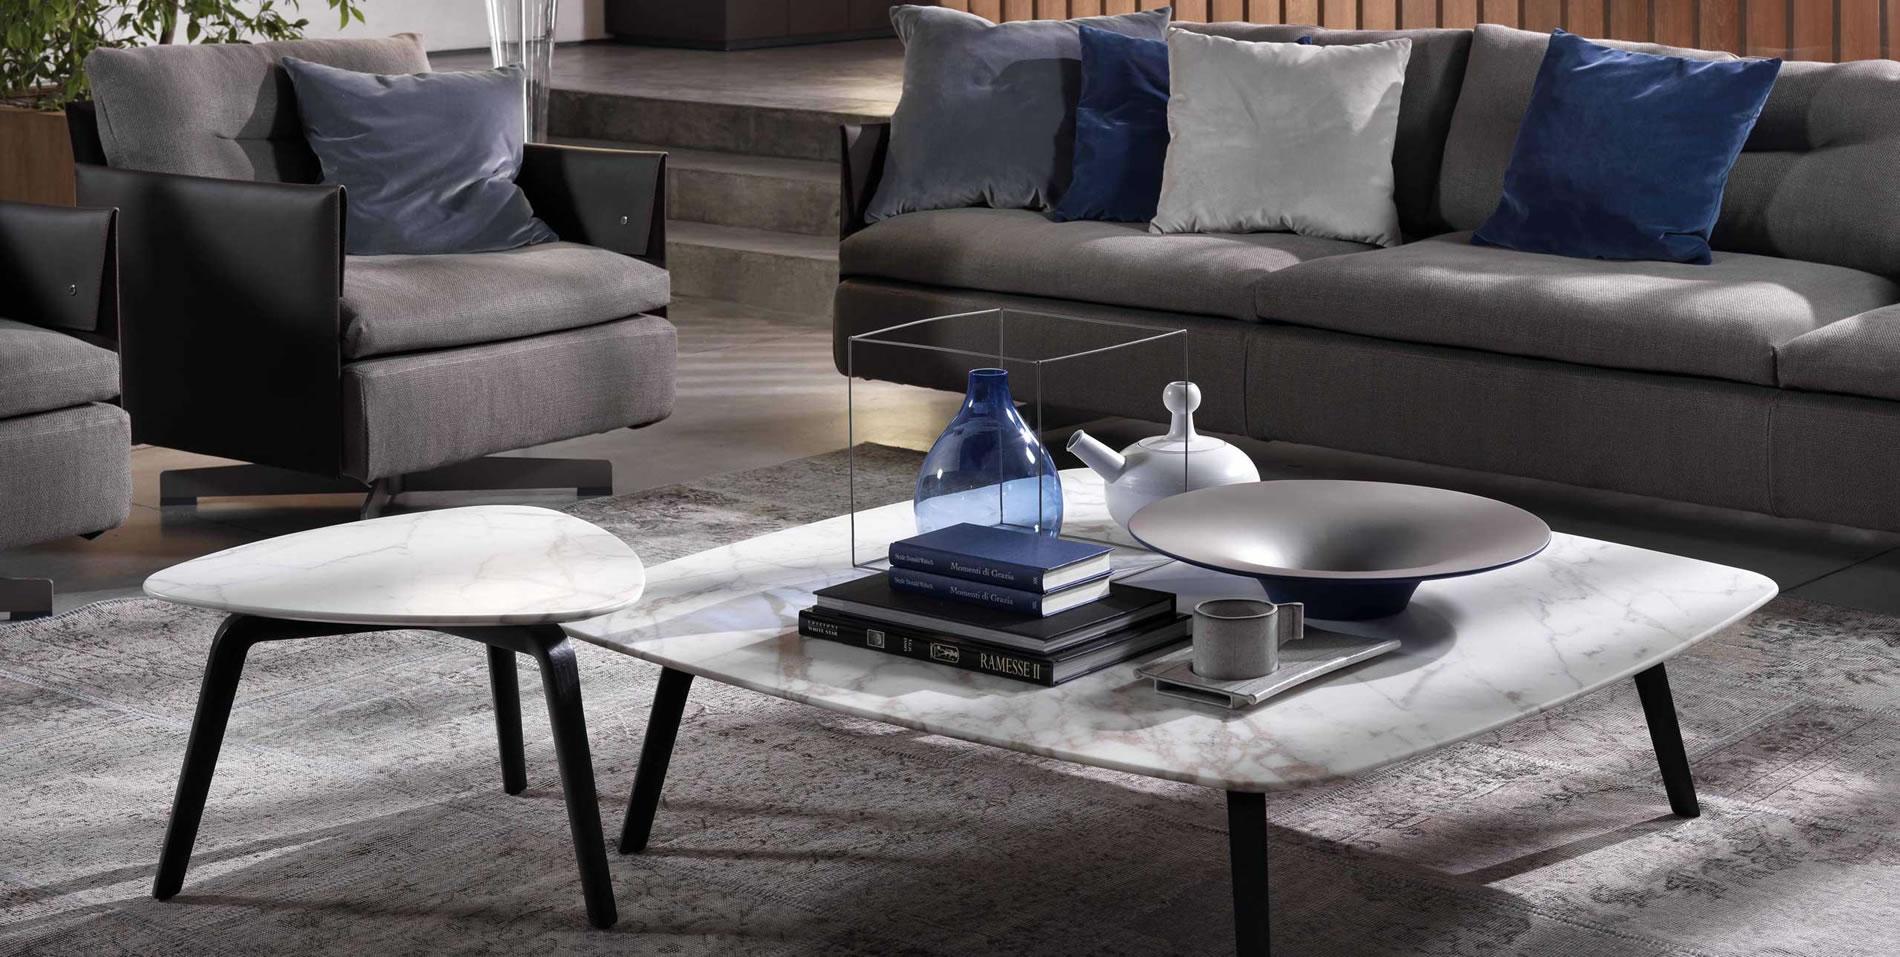 fiorile poltrona frau small table fiorile poltrona frau. Black Bedroom Furniture Sets. Home Design Ideas